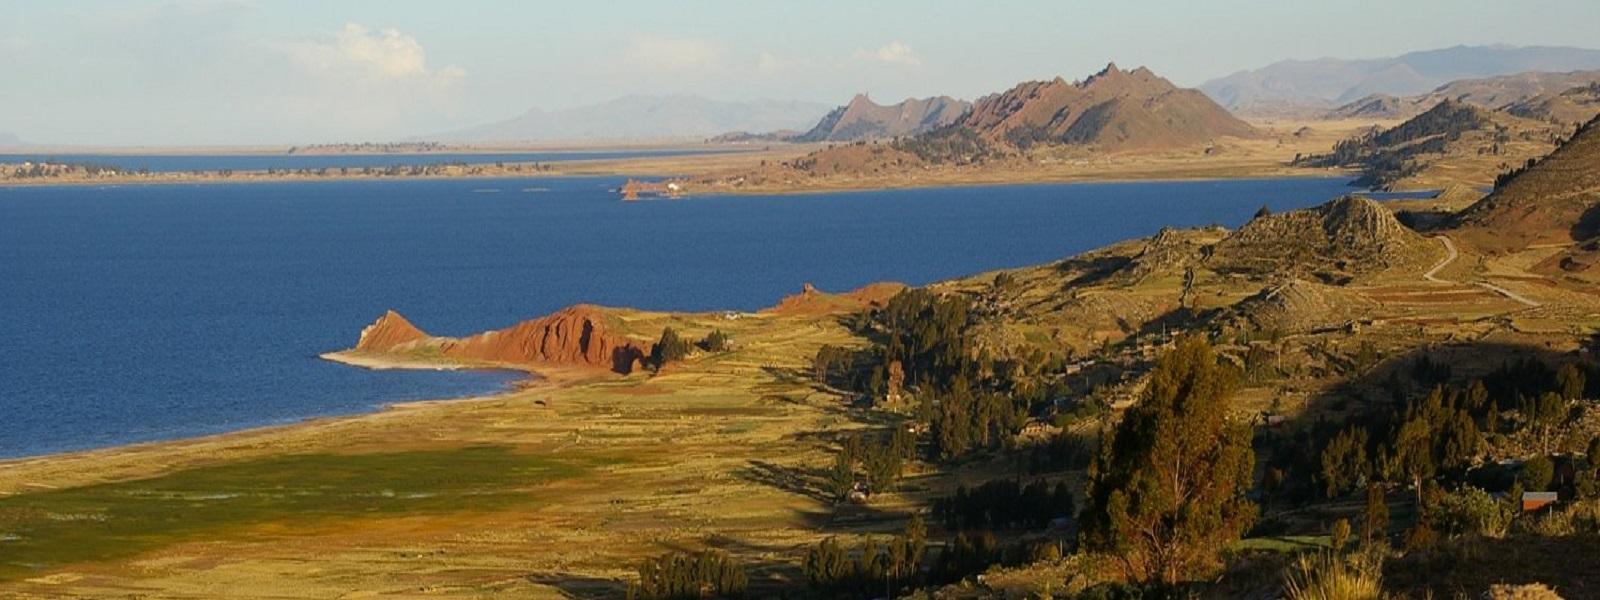 Ile de Taquile, lac Titikaka